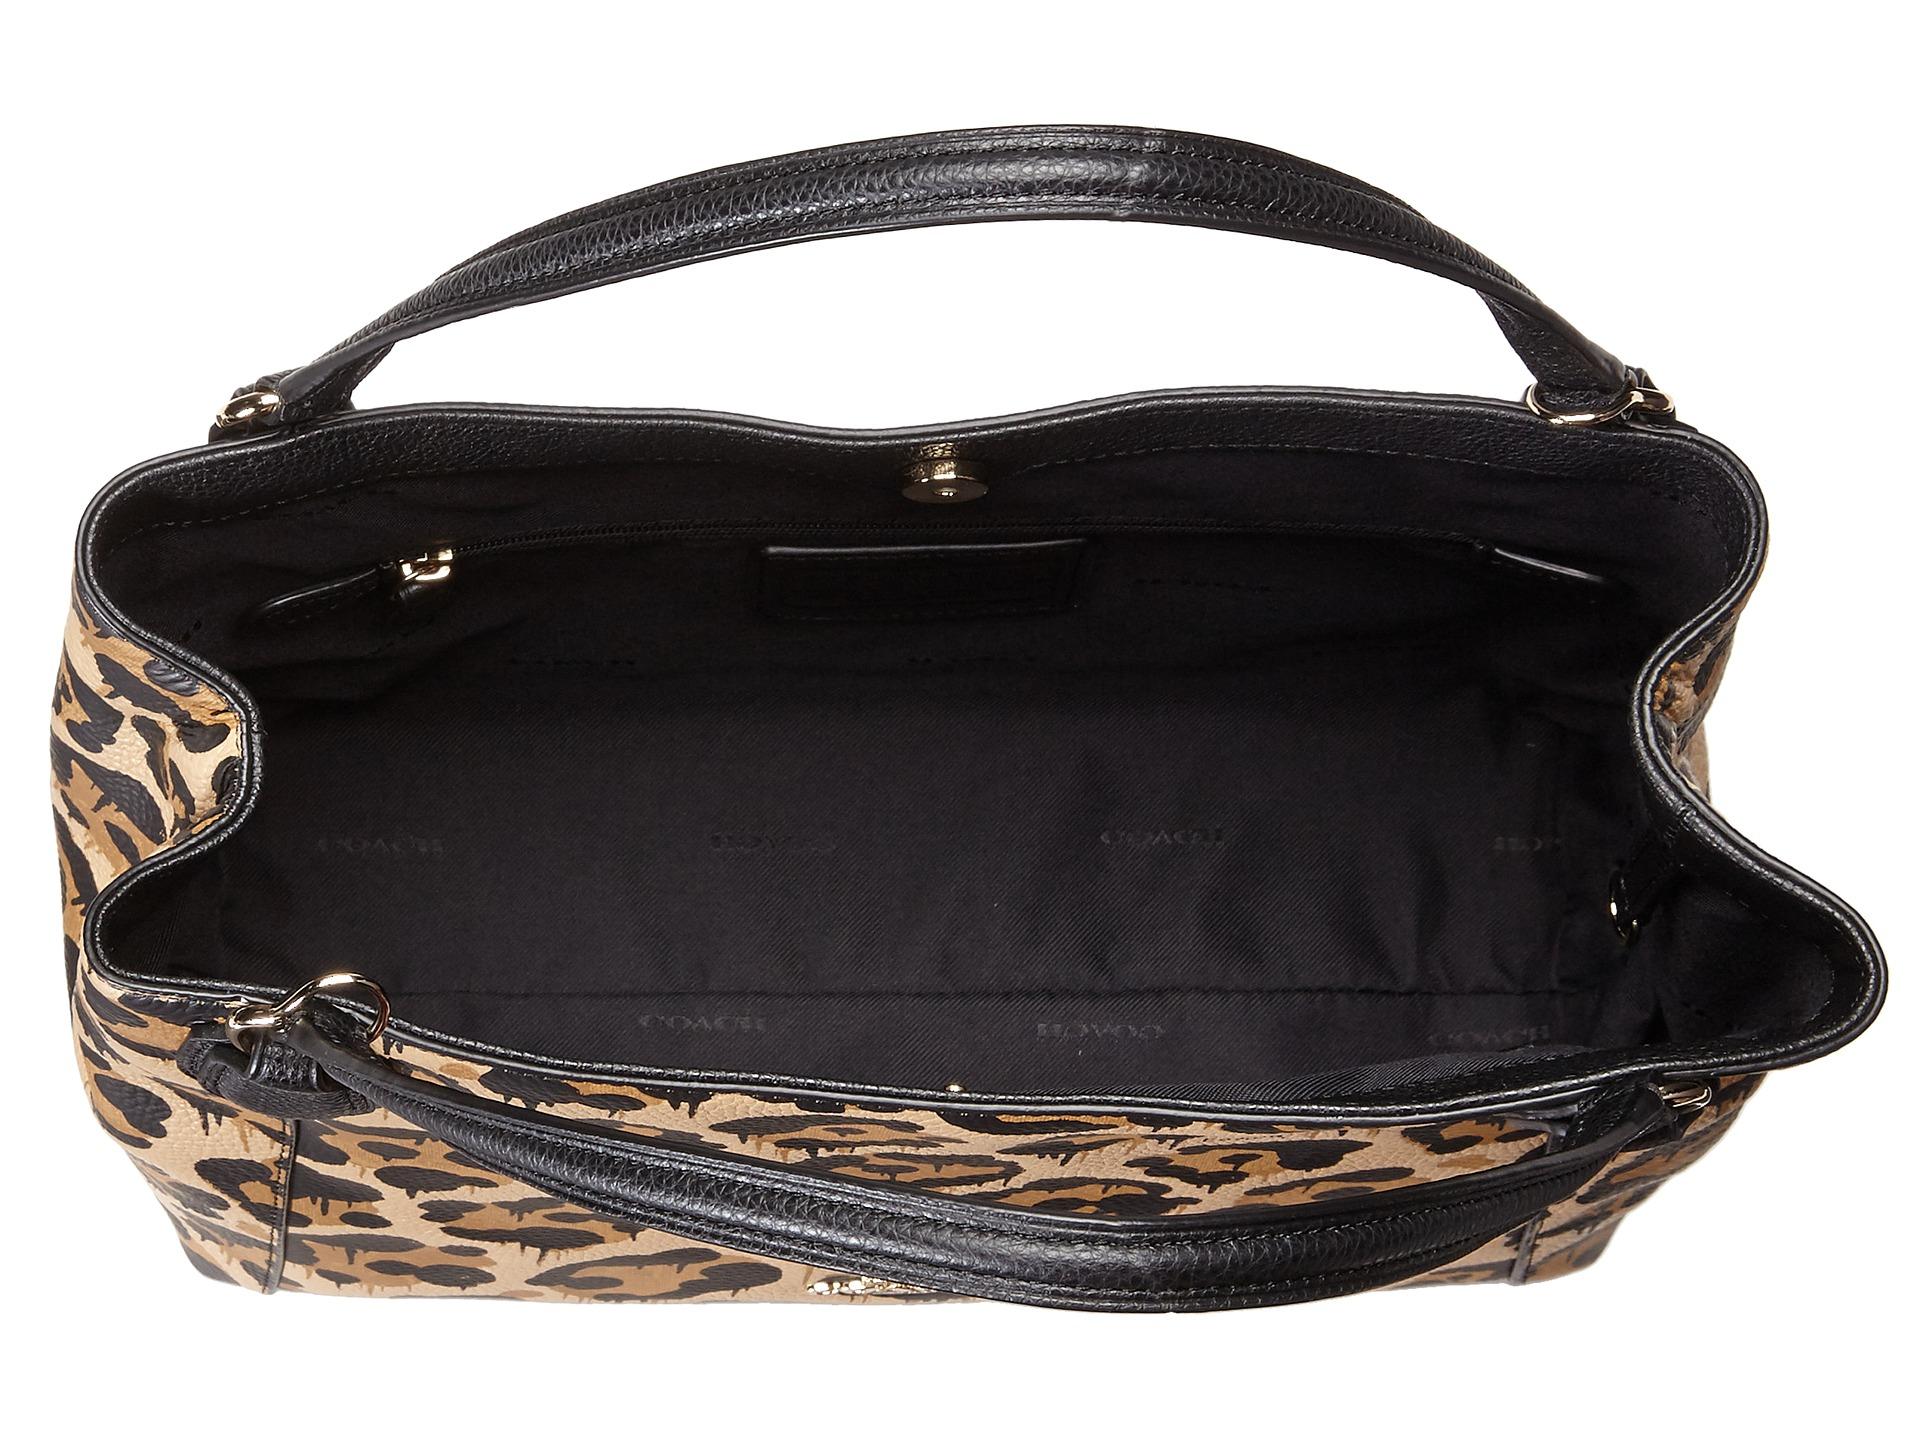 ... Wild Beast Drip Leopard Leather Ocelot Print Edie 28 Shoulder Bag Coach  Leopard Ocelot Print Edie 28 in Brown Lyst ... 2cd634a0cc578